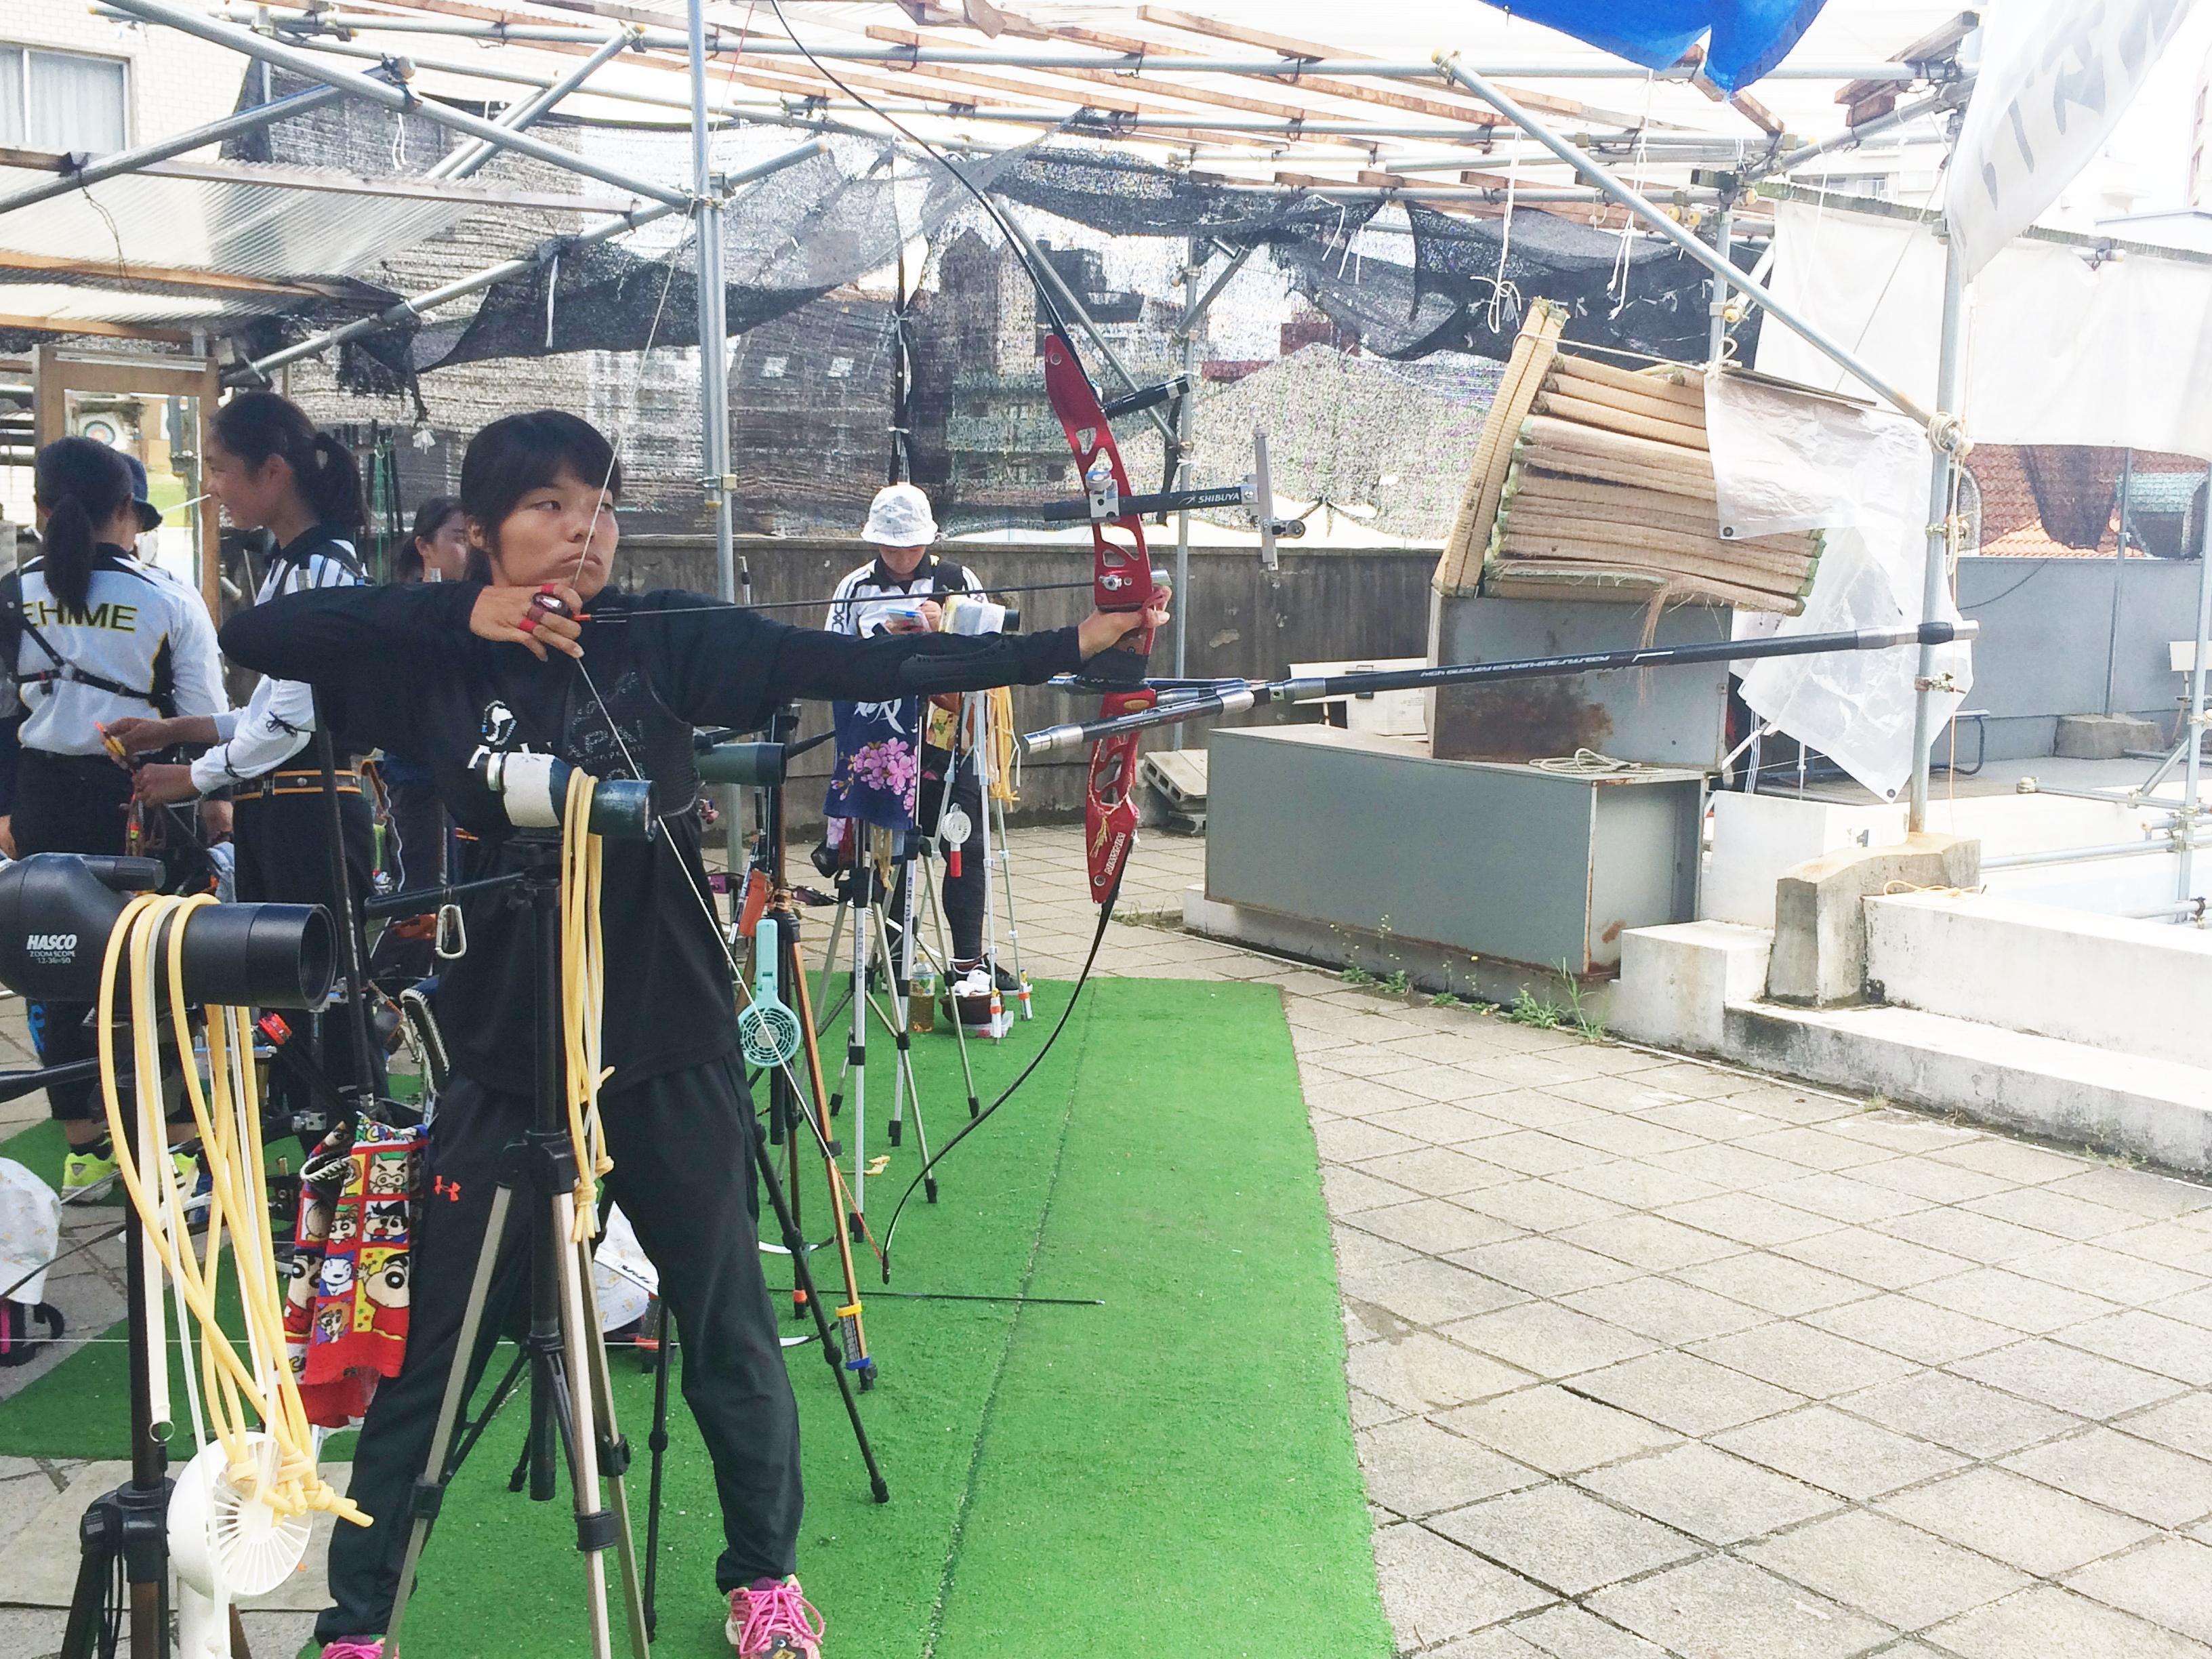 目指すは愛媛からオリンピック!アーチェリーで世界を目指す!松山東雲高等学校キャプテン檜垣亜子さんにインタビュー!